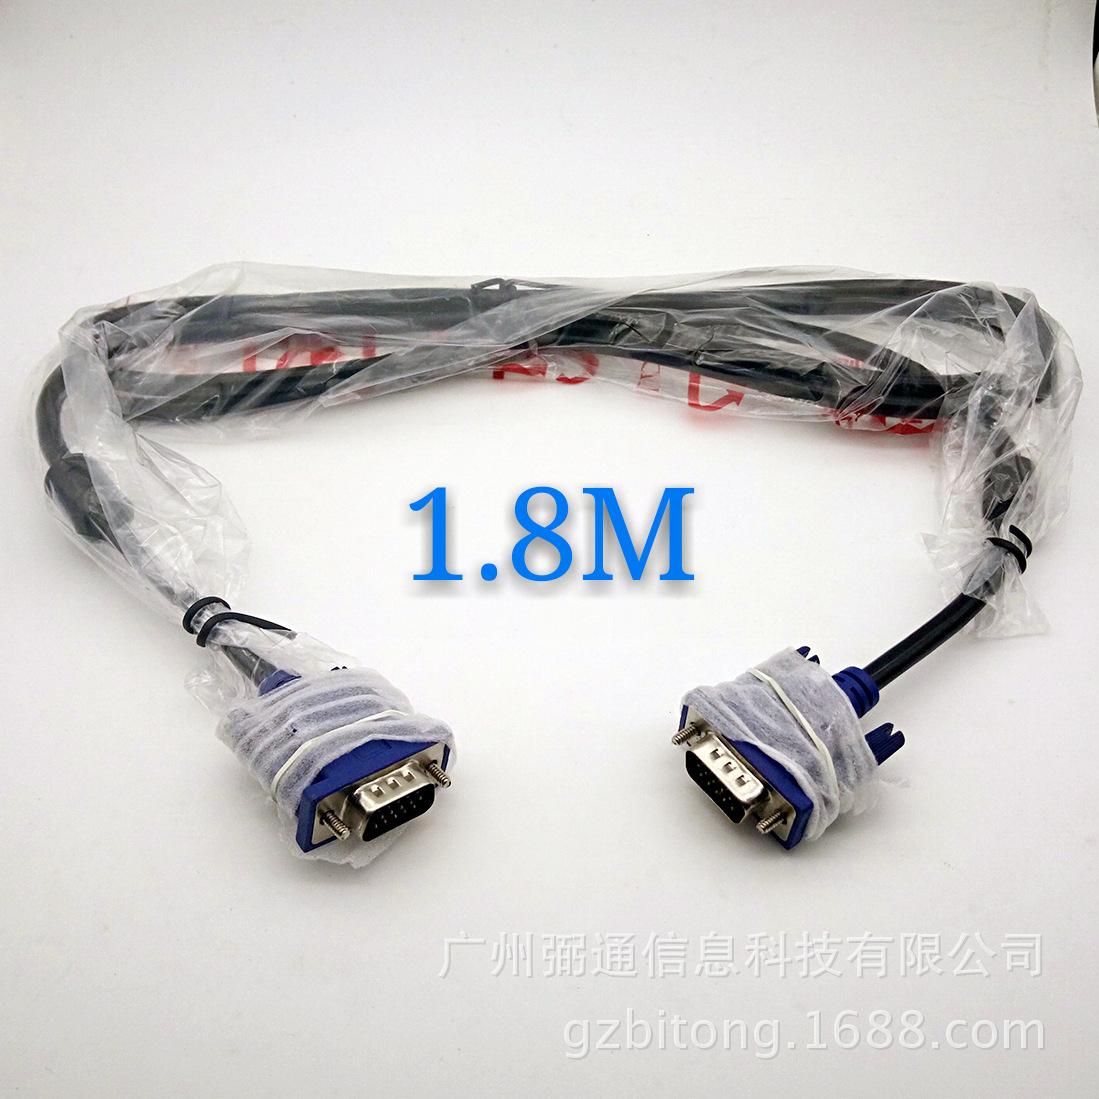 厂家供应1.8米VGA线电脑液晶显示器连接线